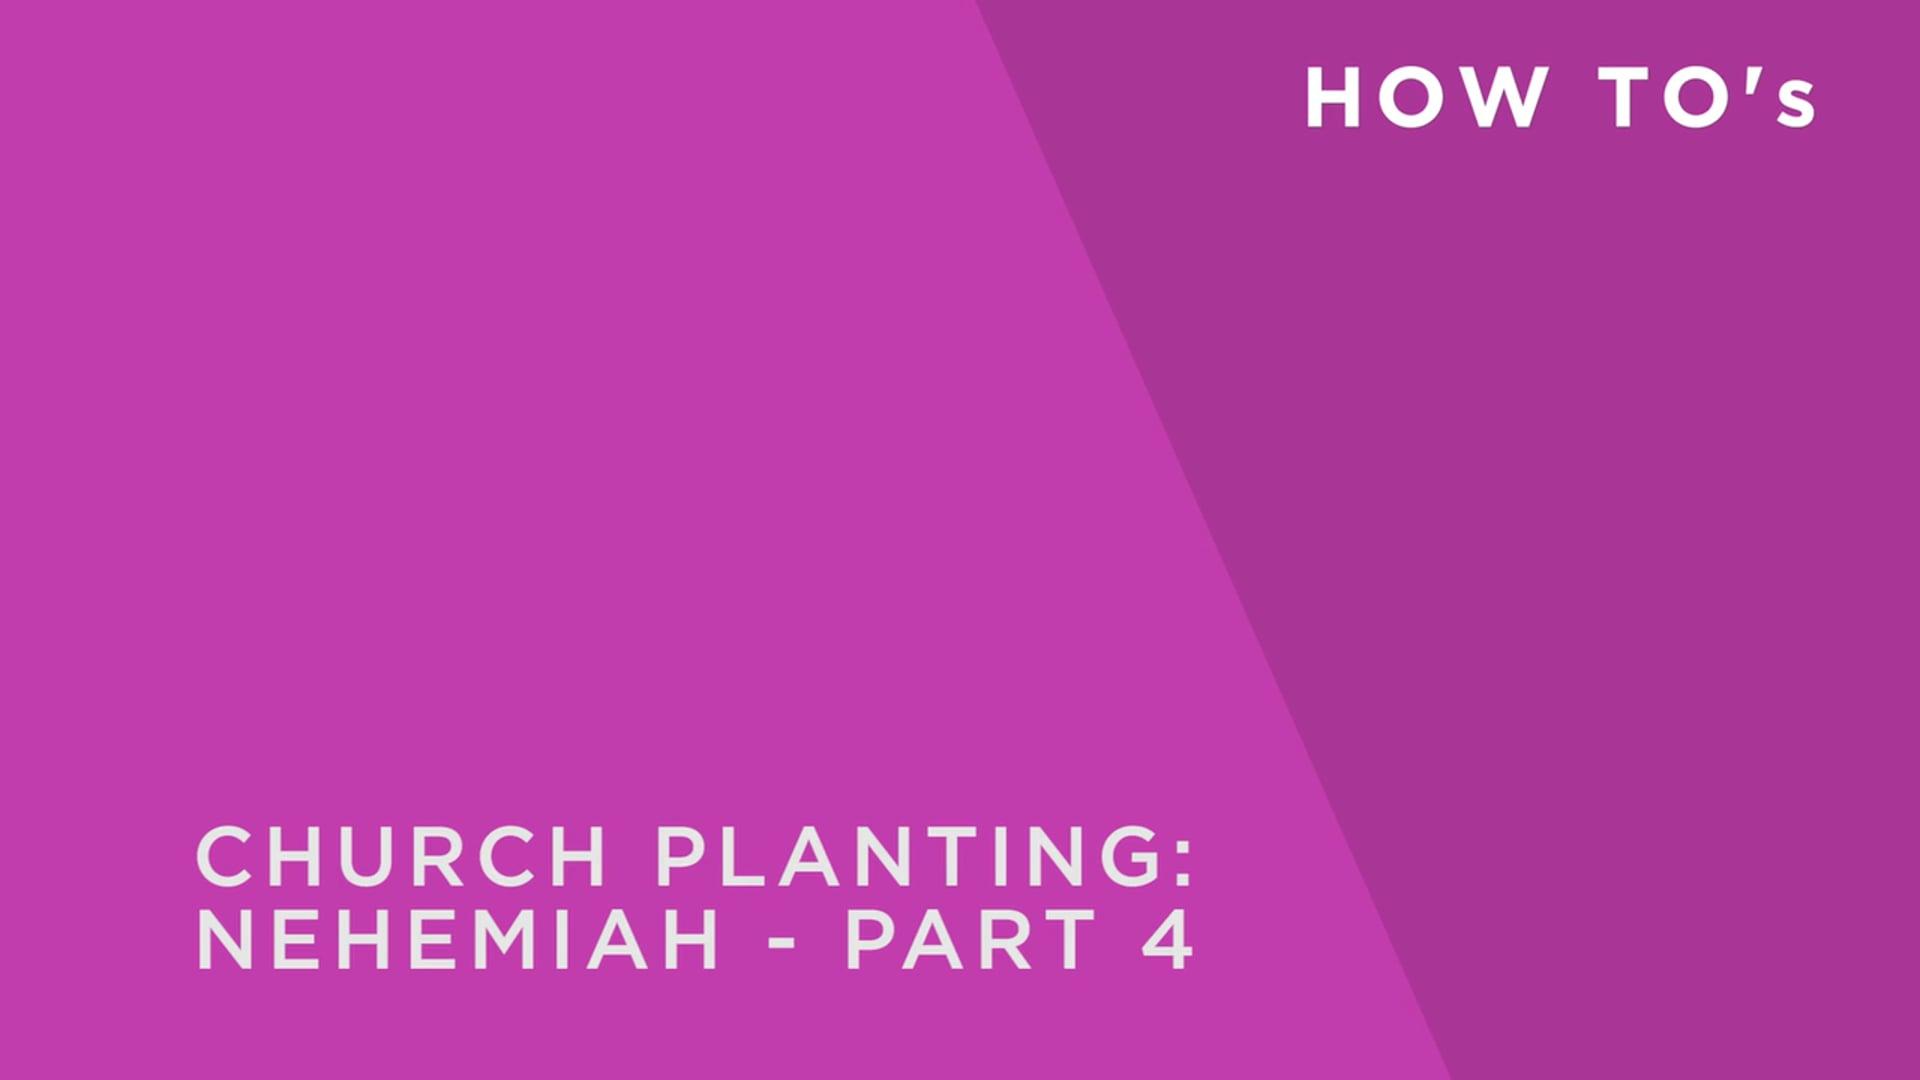 Church Planting: Nehemiah 4